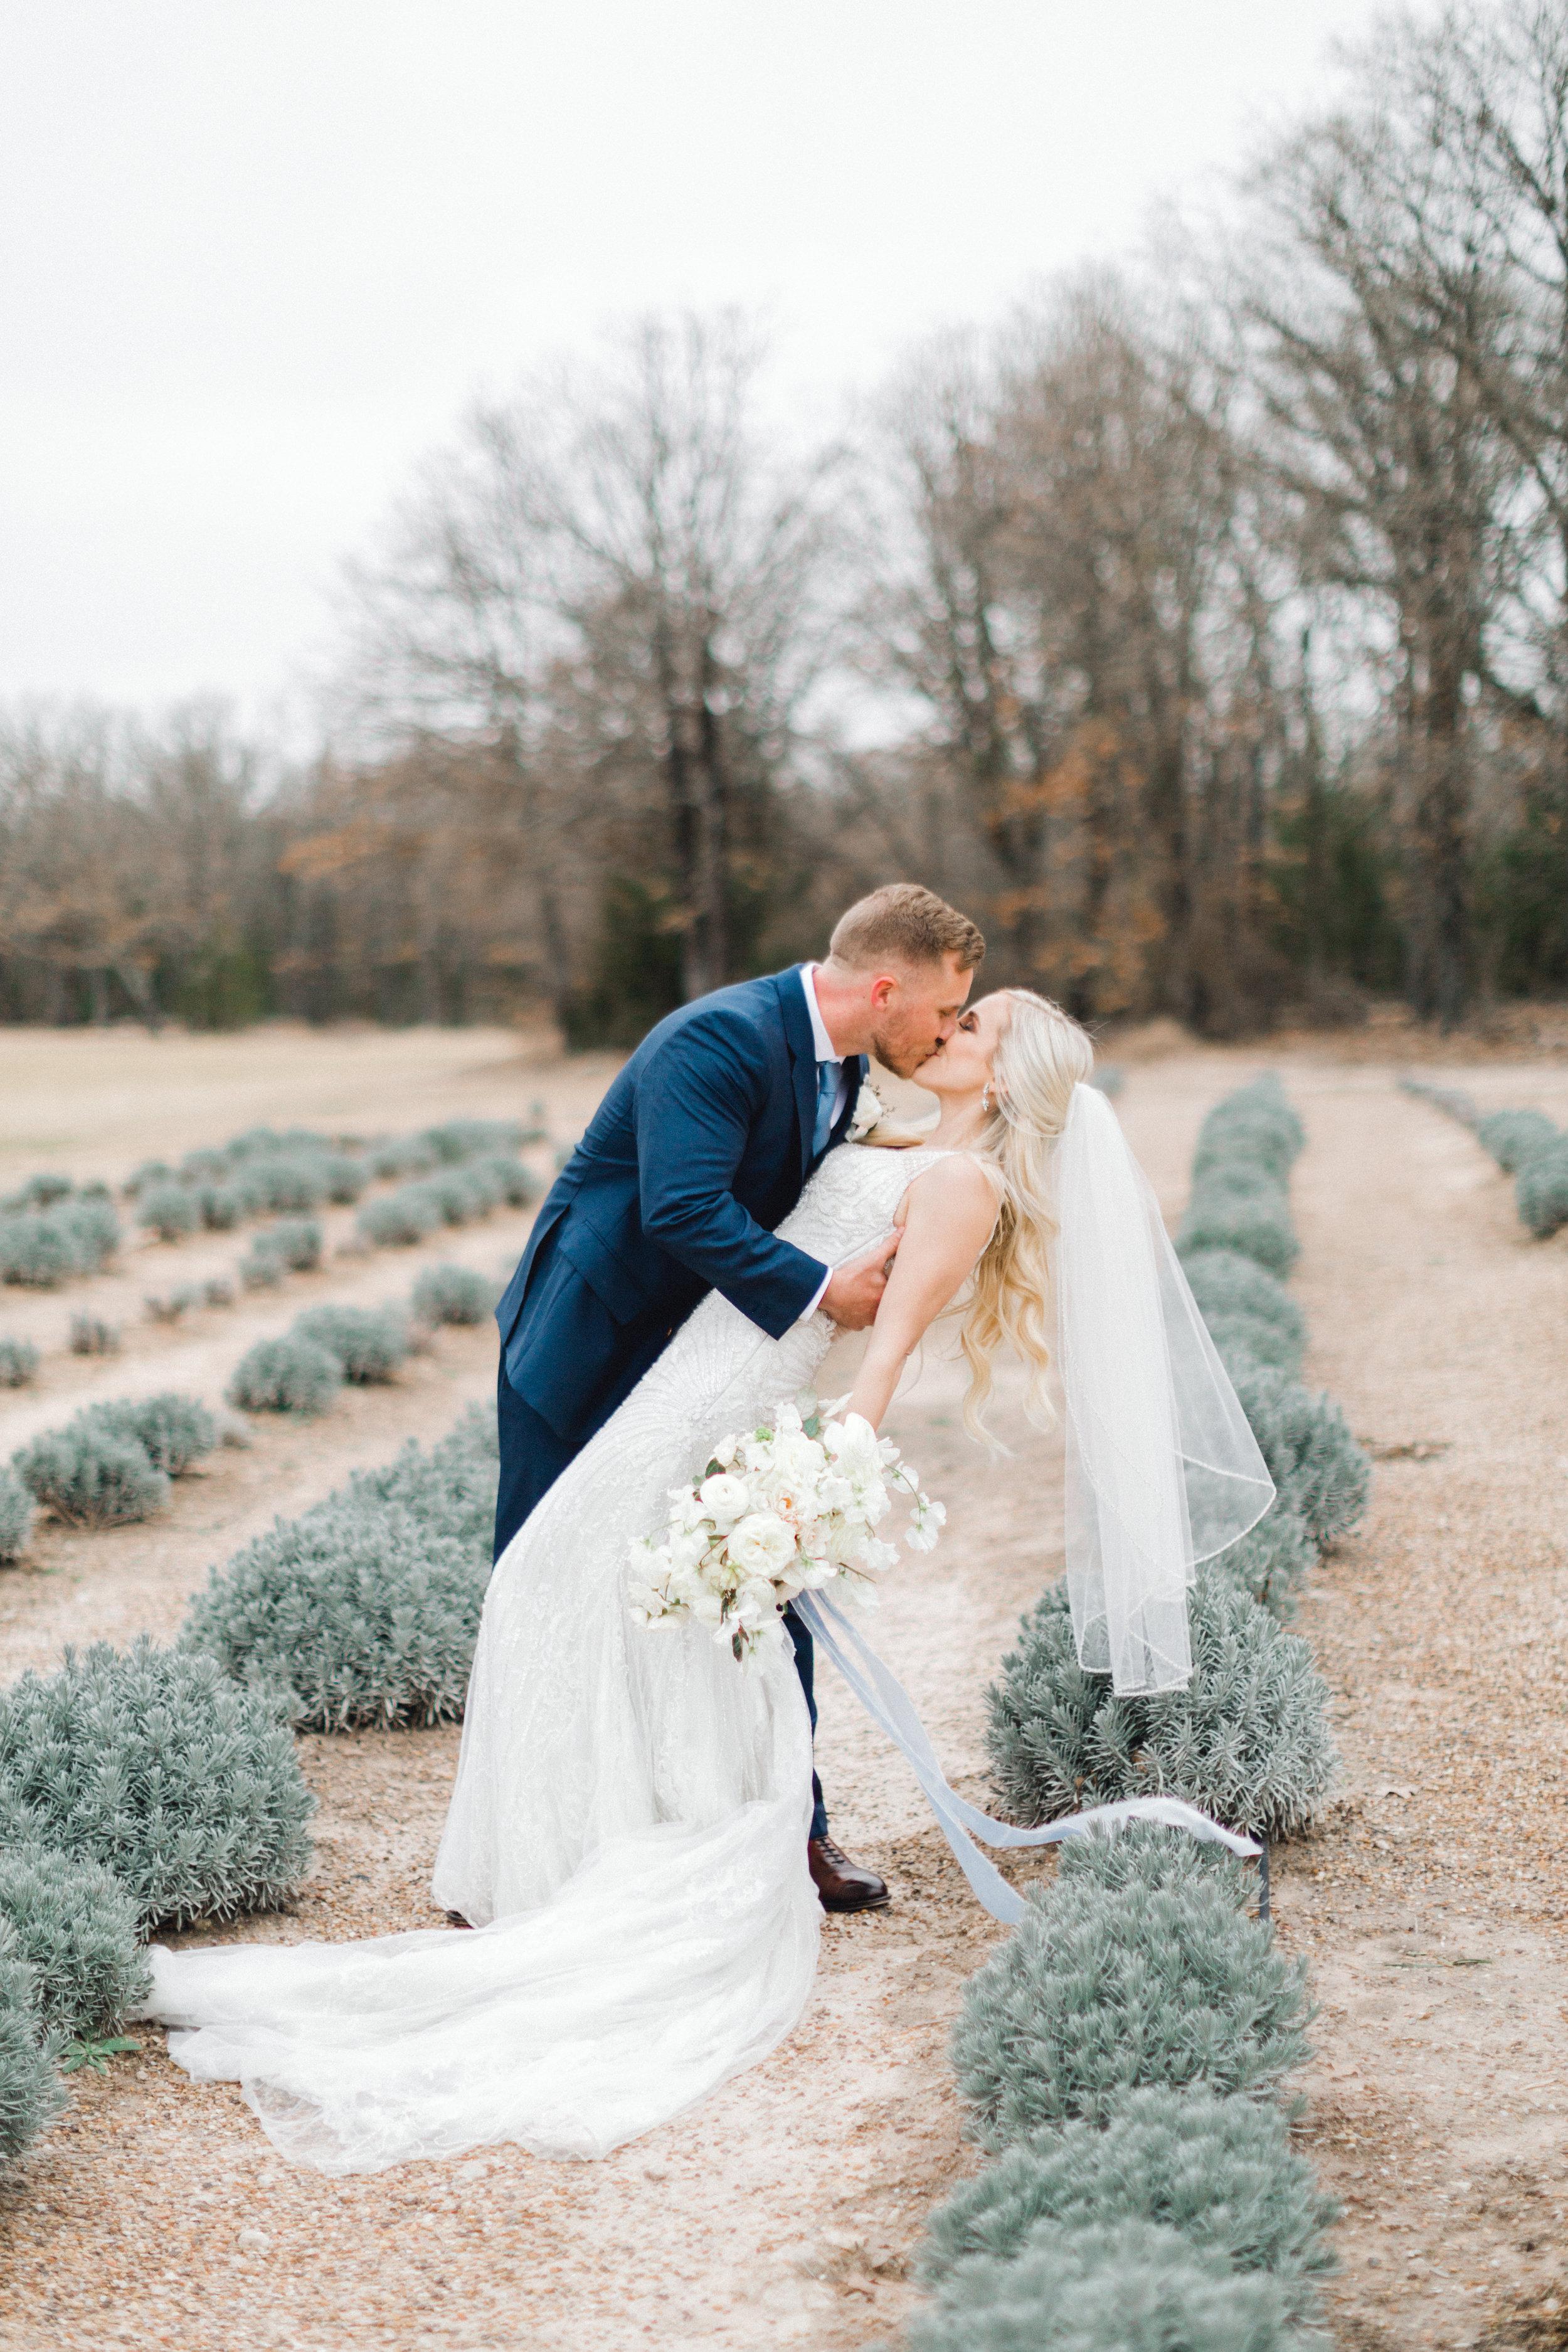 Chloe+Austin Wedding_700 copy.JPG